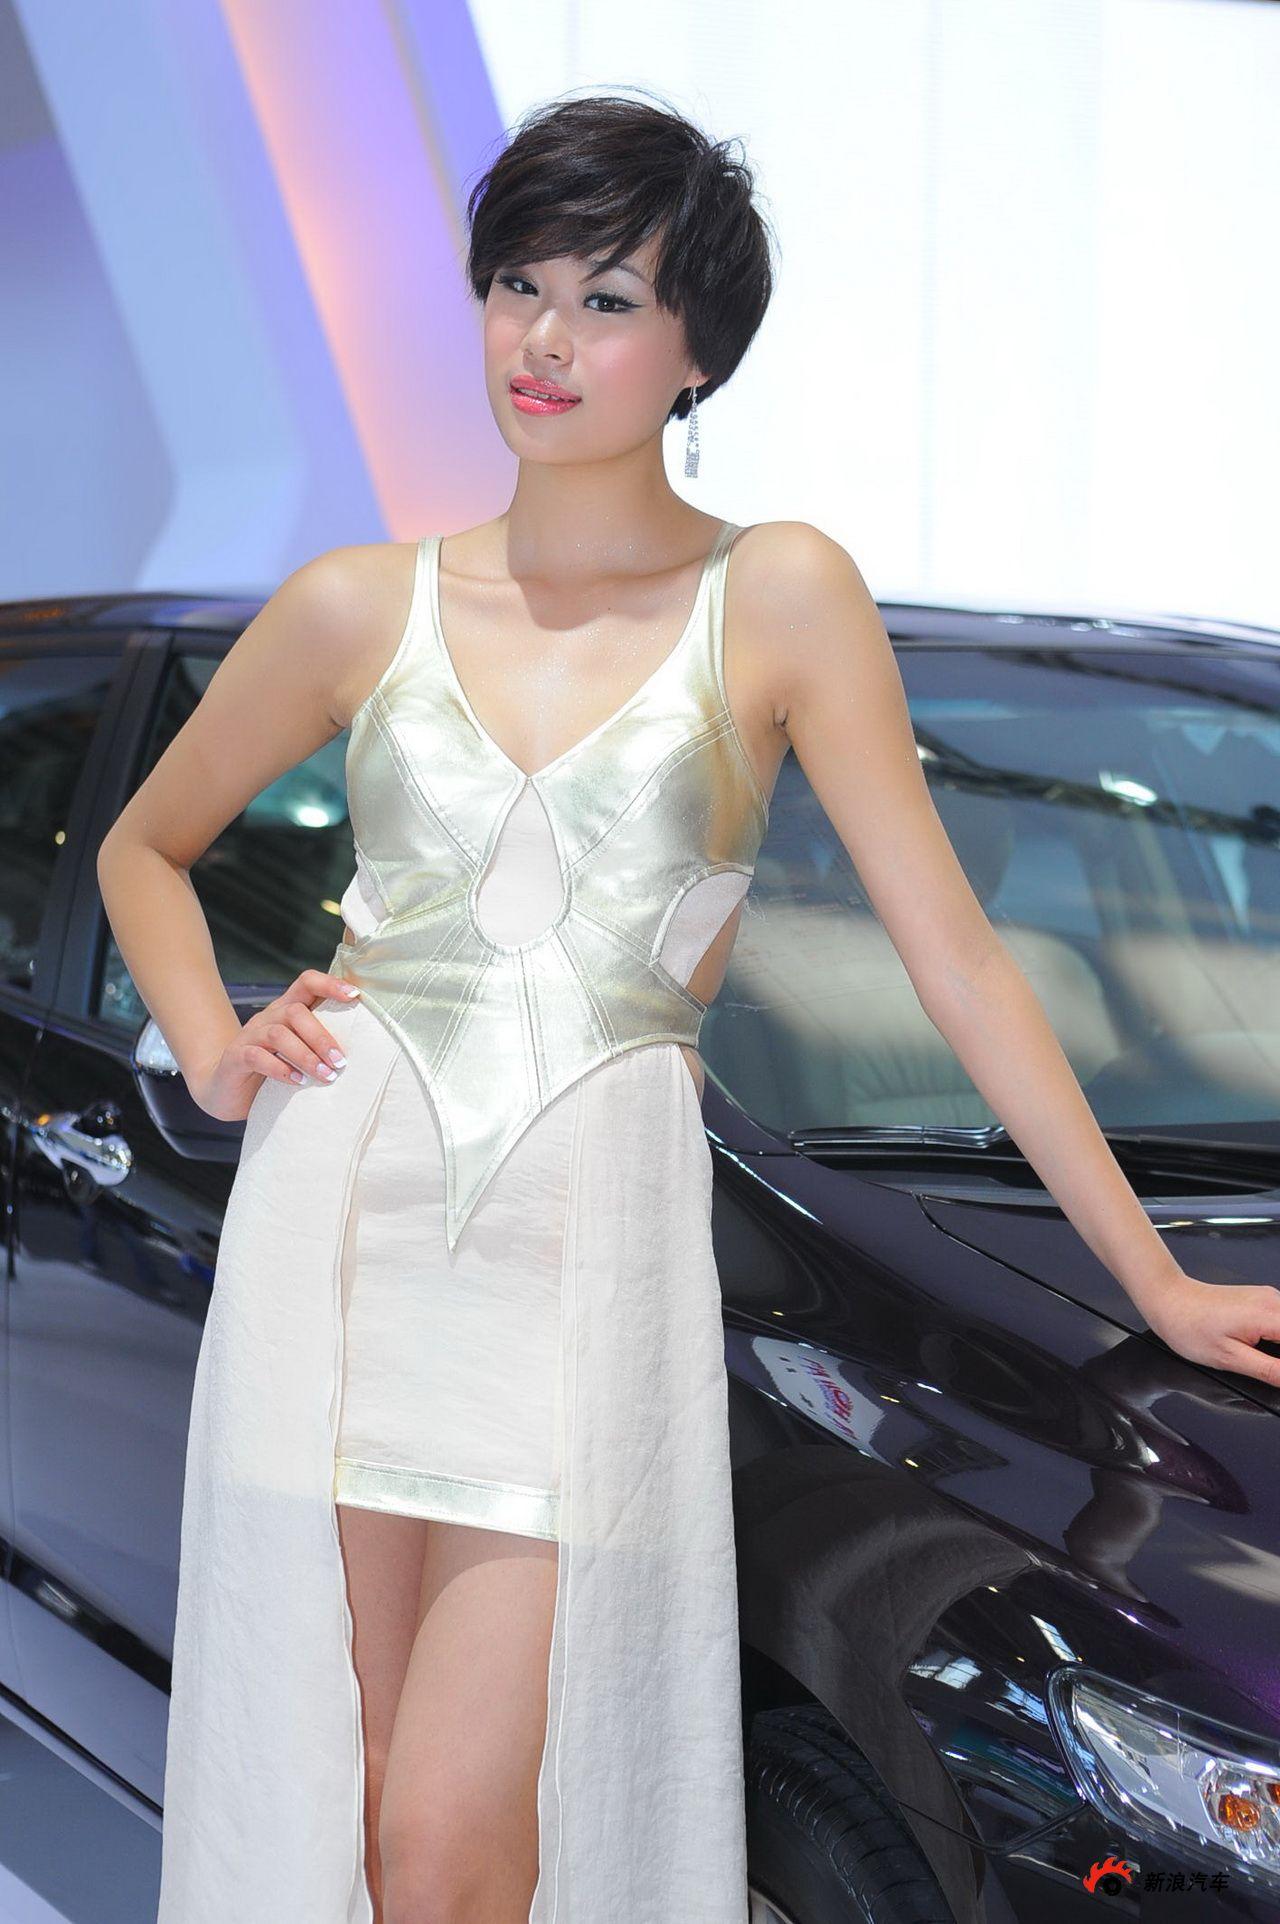 广汽展台2号模特